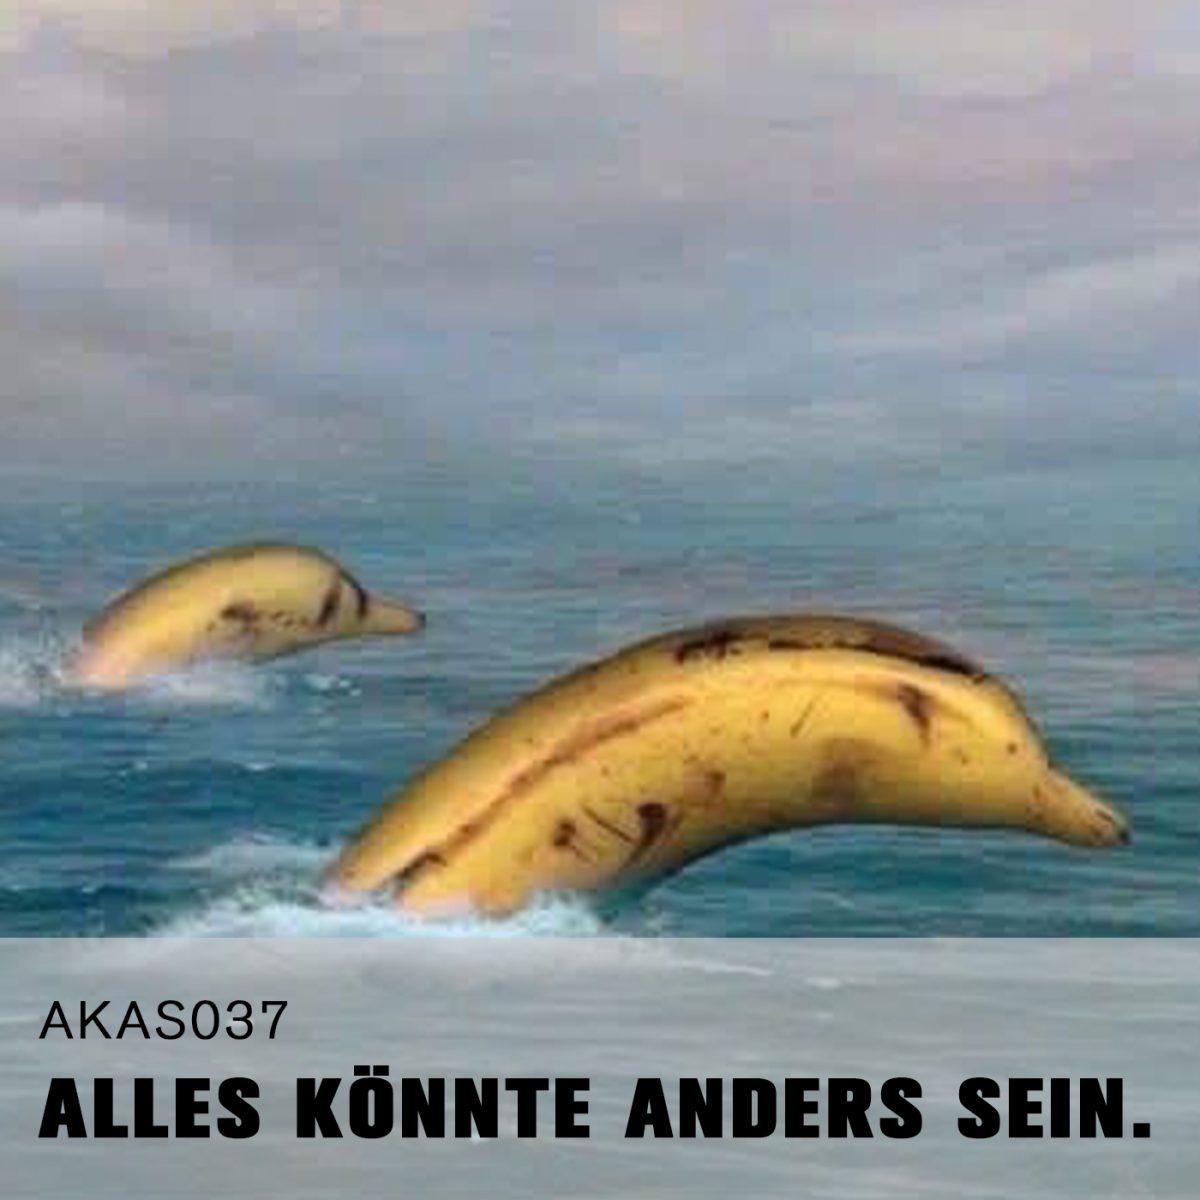 AKAS037 Die Fische gucken schon ganz traurig.